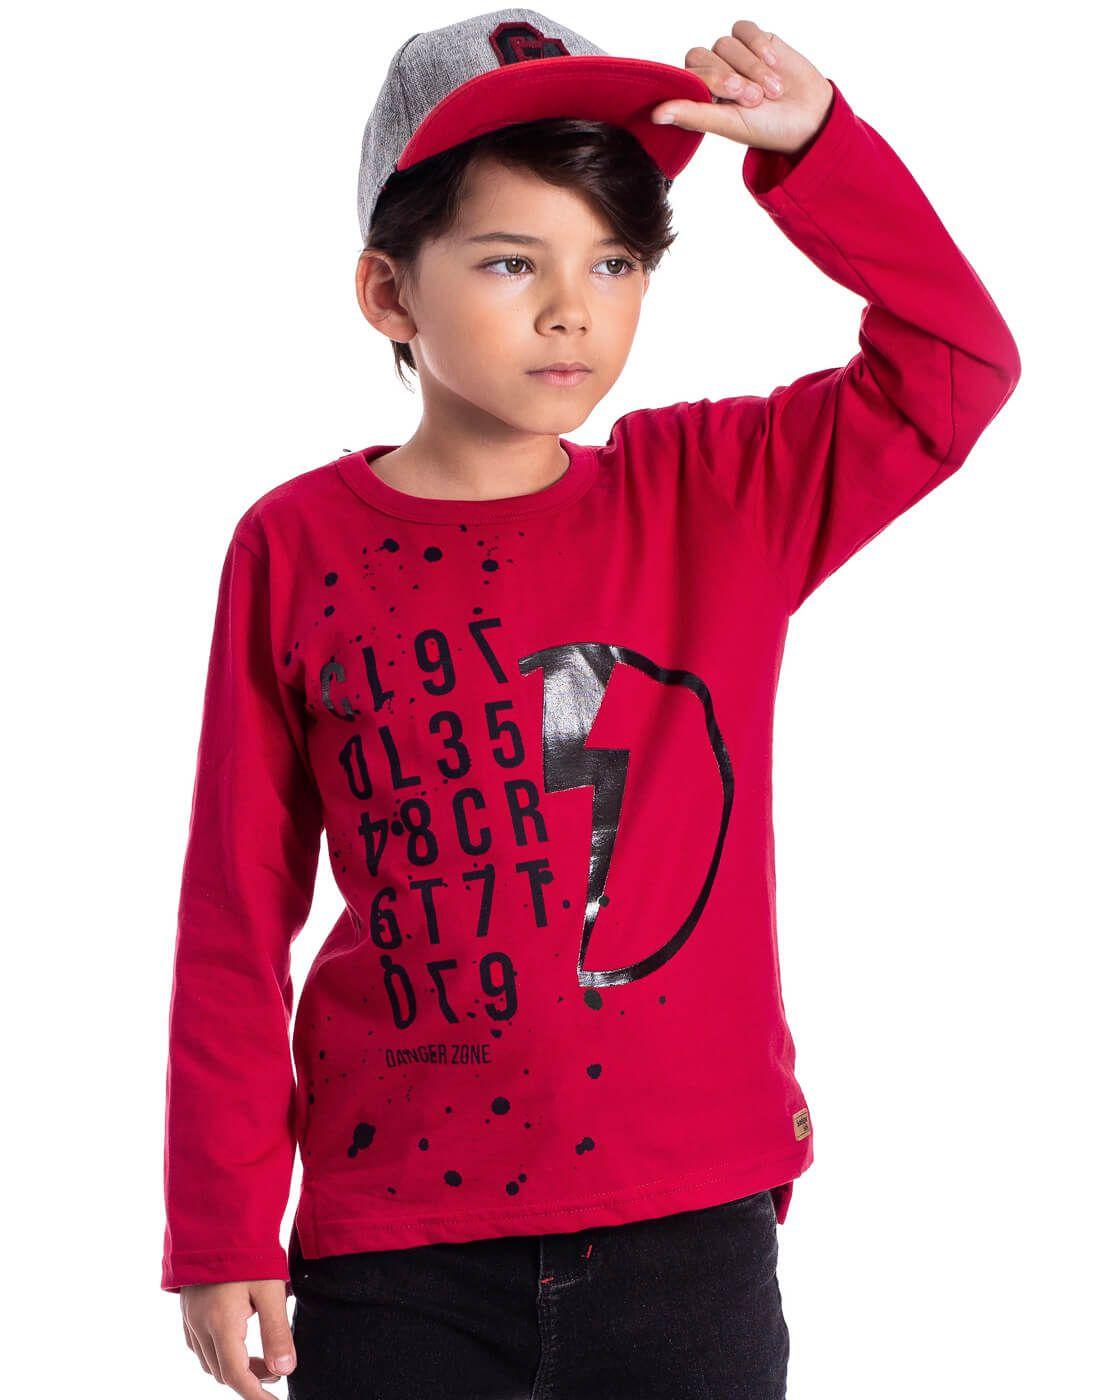 Camiseta Infantil Serelepe Malha